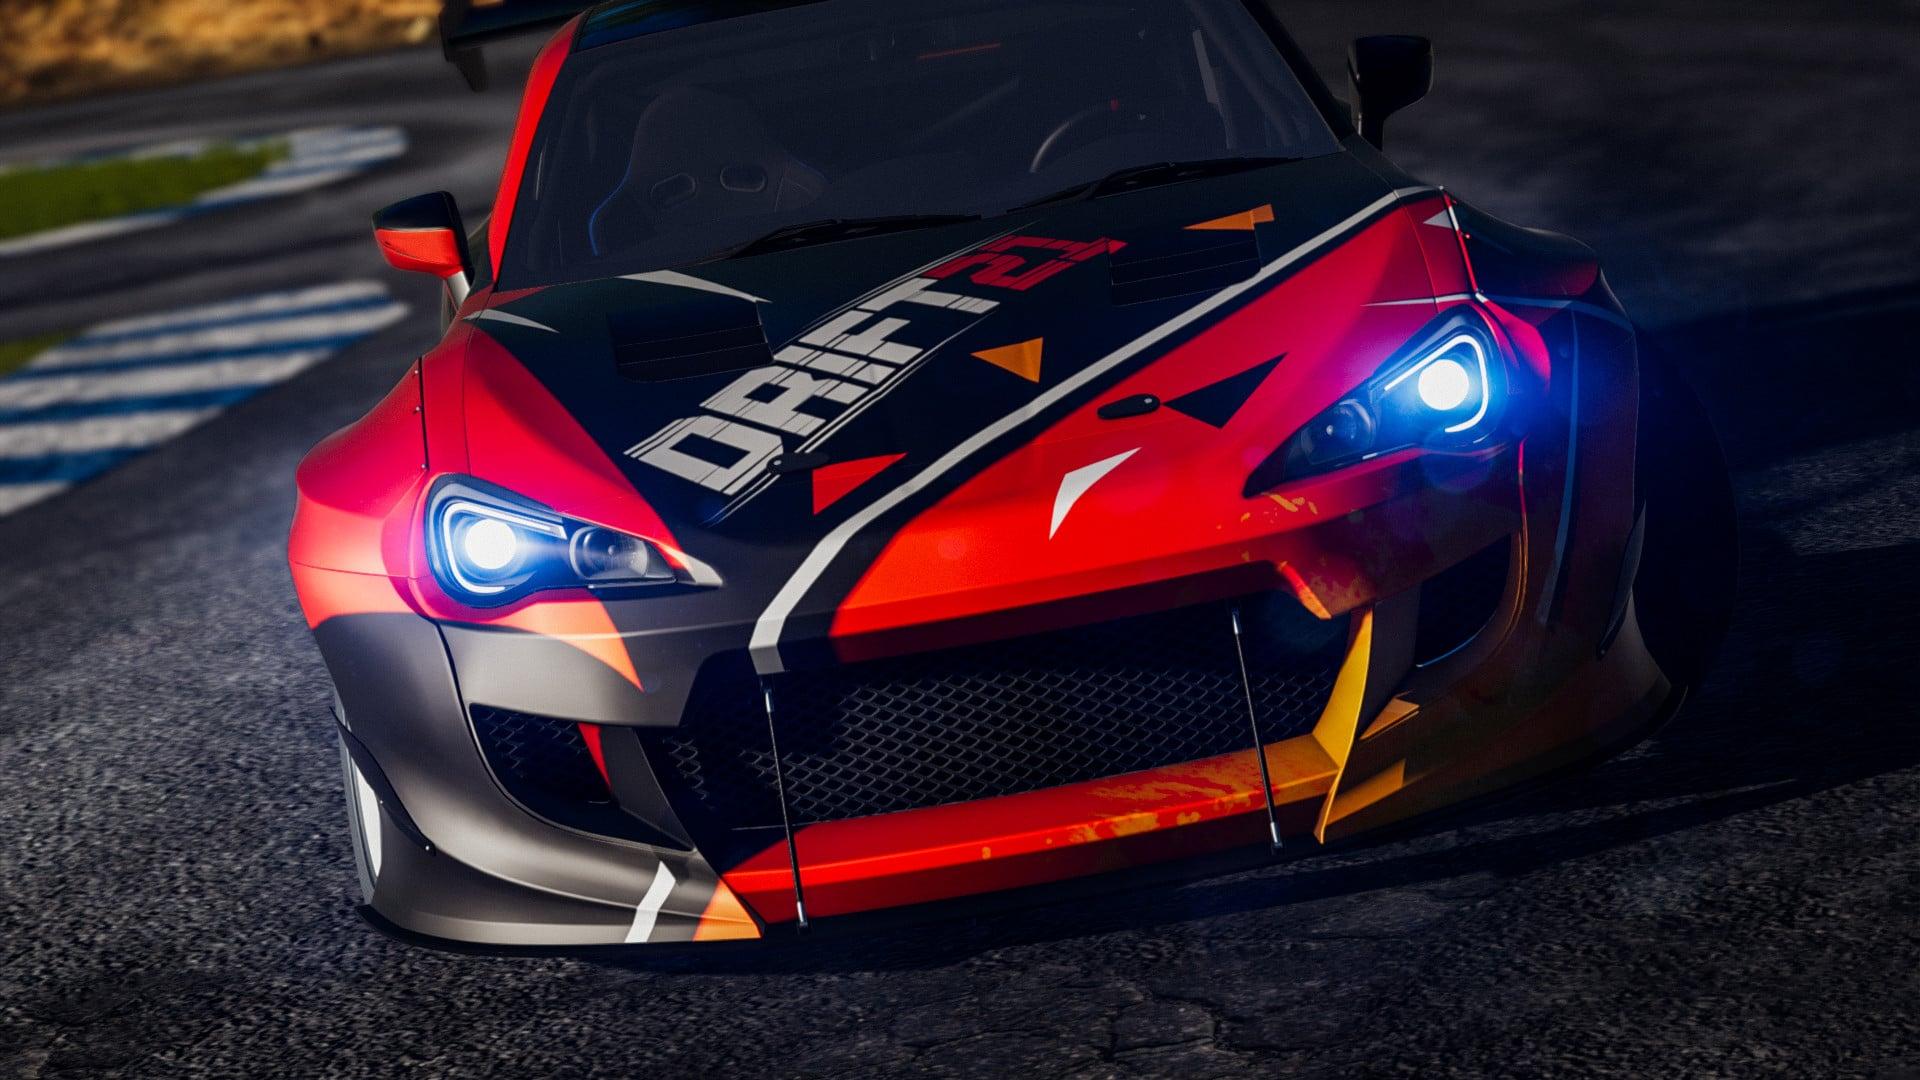 La recensione di Drift21: un simulatore per appassionati thumbnail